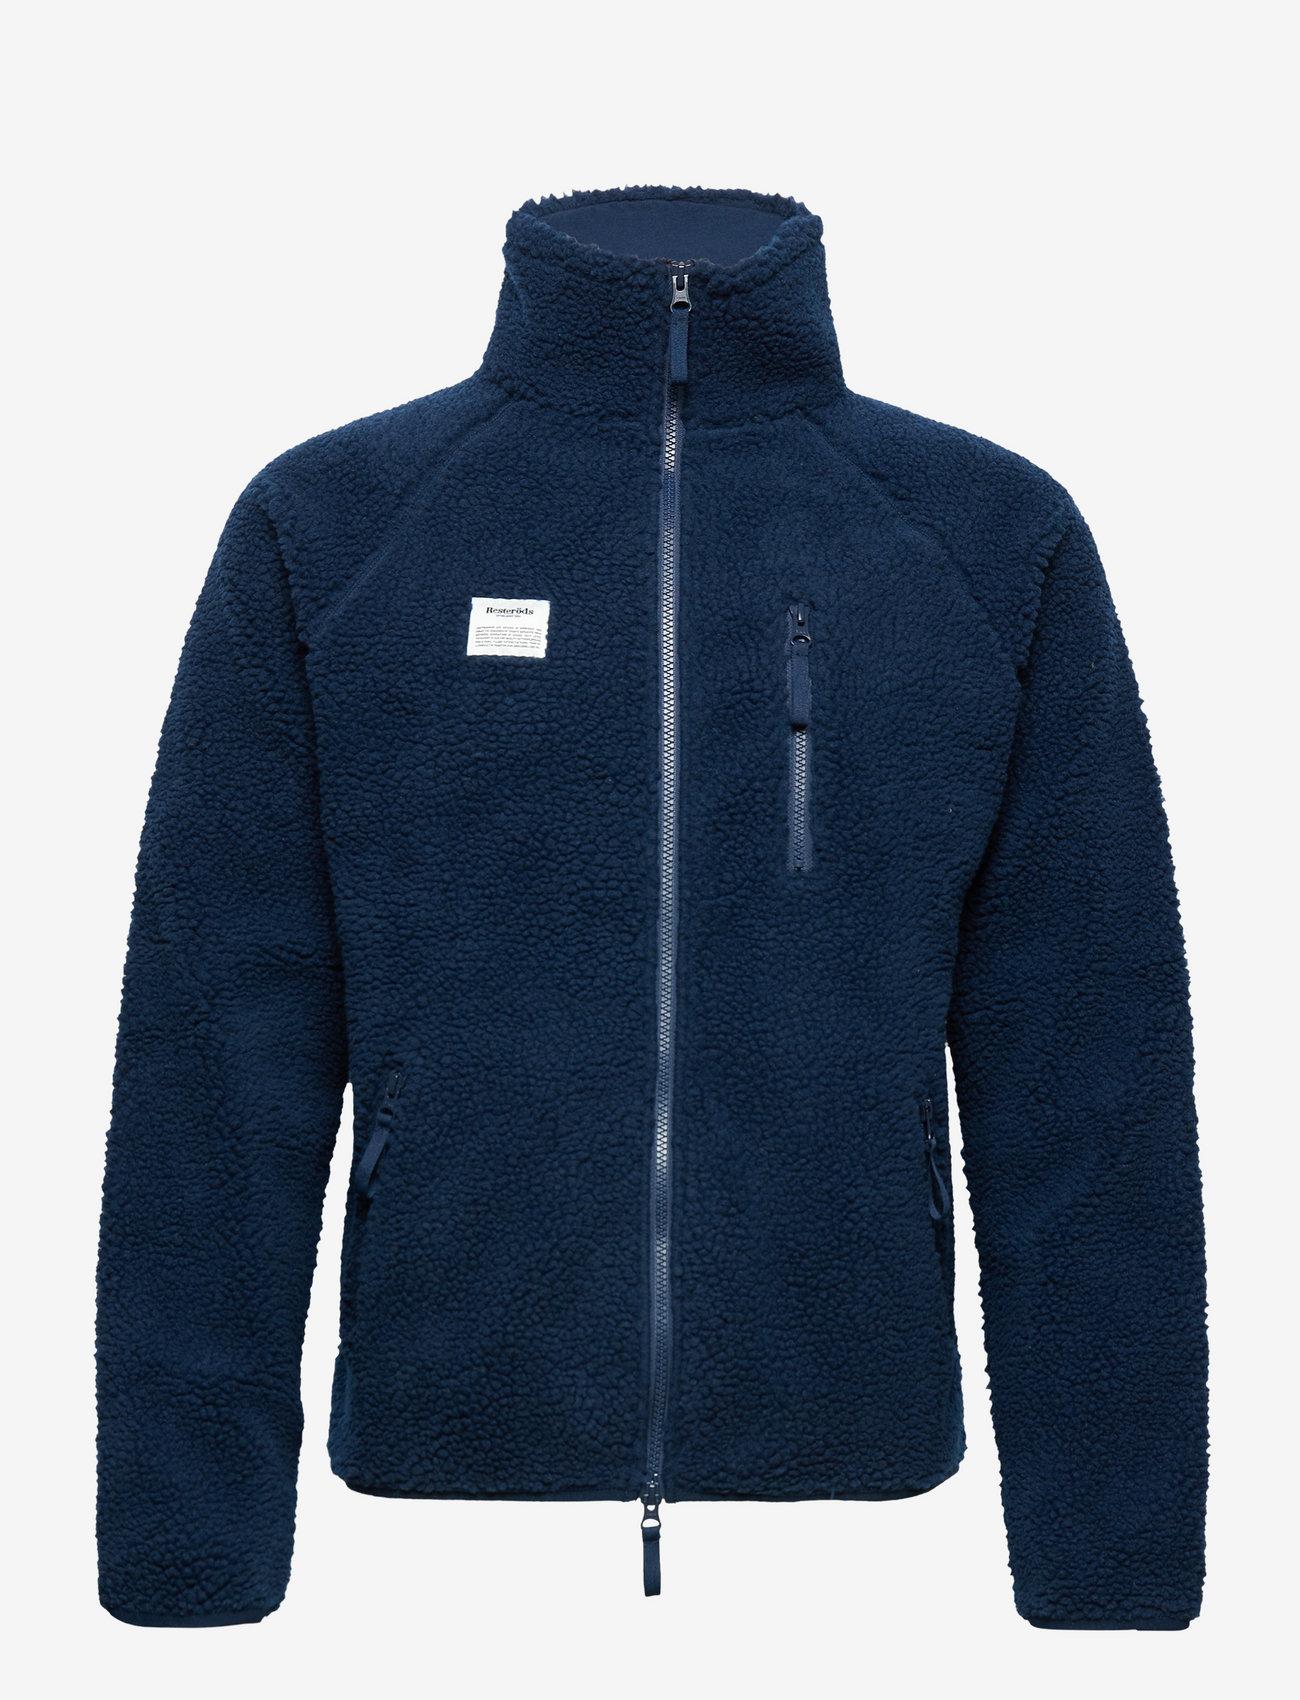 Resteröds - Resteröds Zip Fleece Jacket - basic-sweatshirts - navy - 0